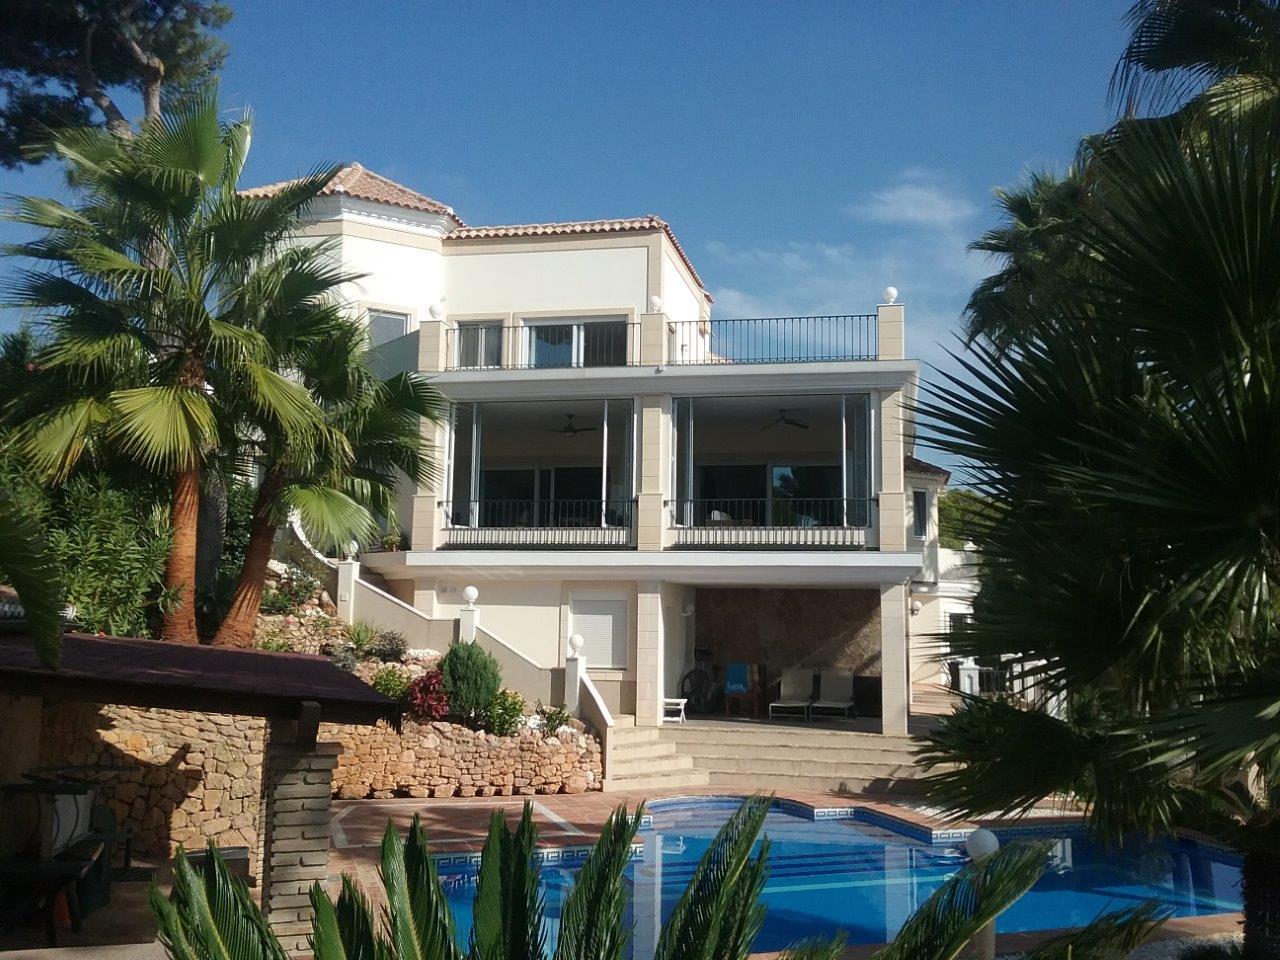 Marbella est villa de luxe vendu par la banque for Villa de luxe canada